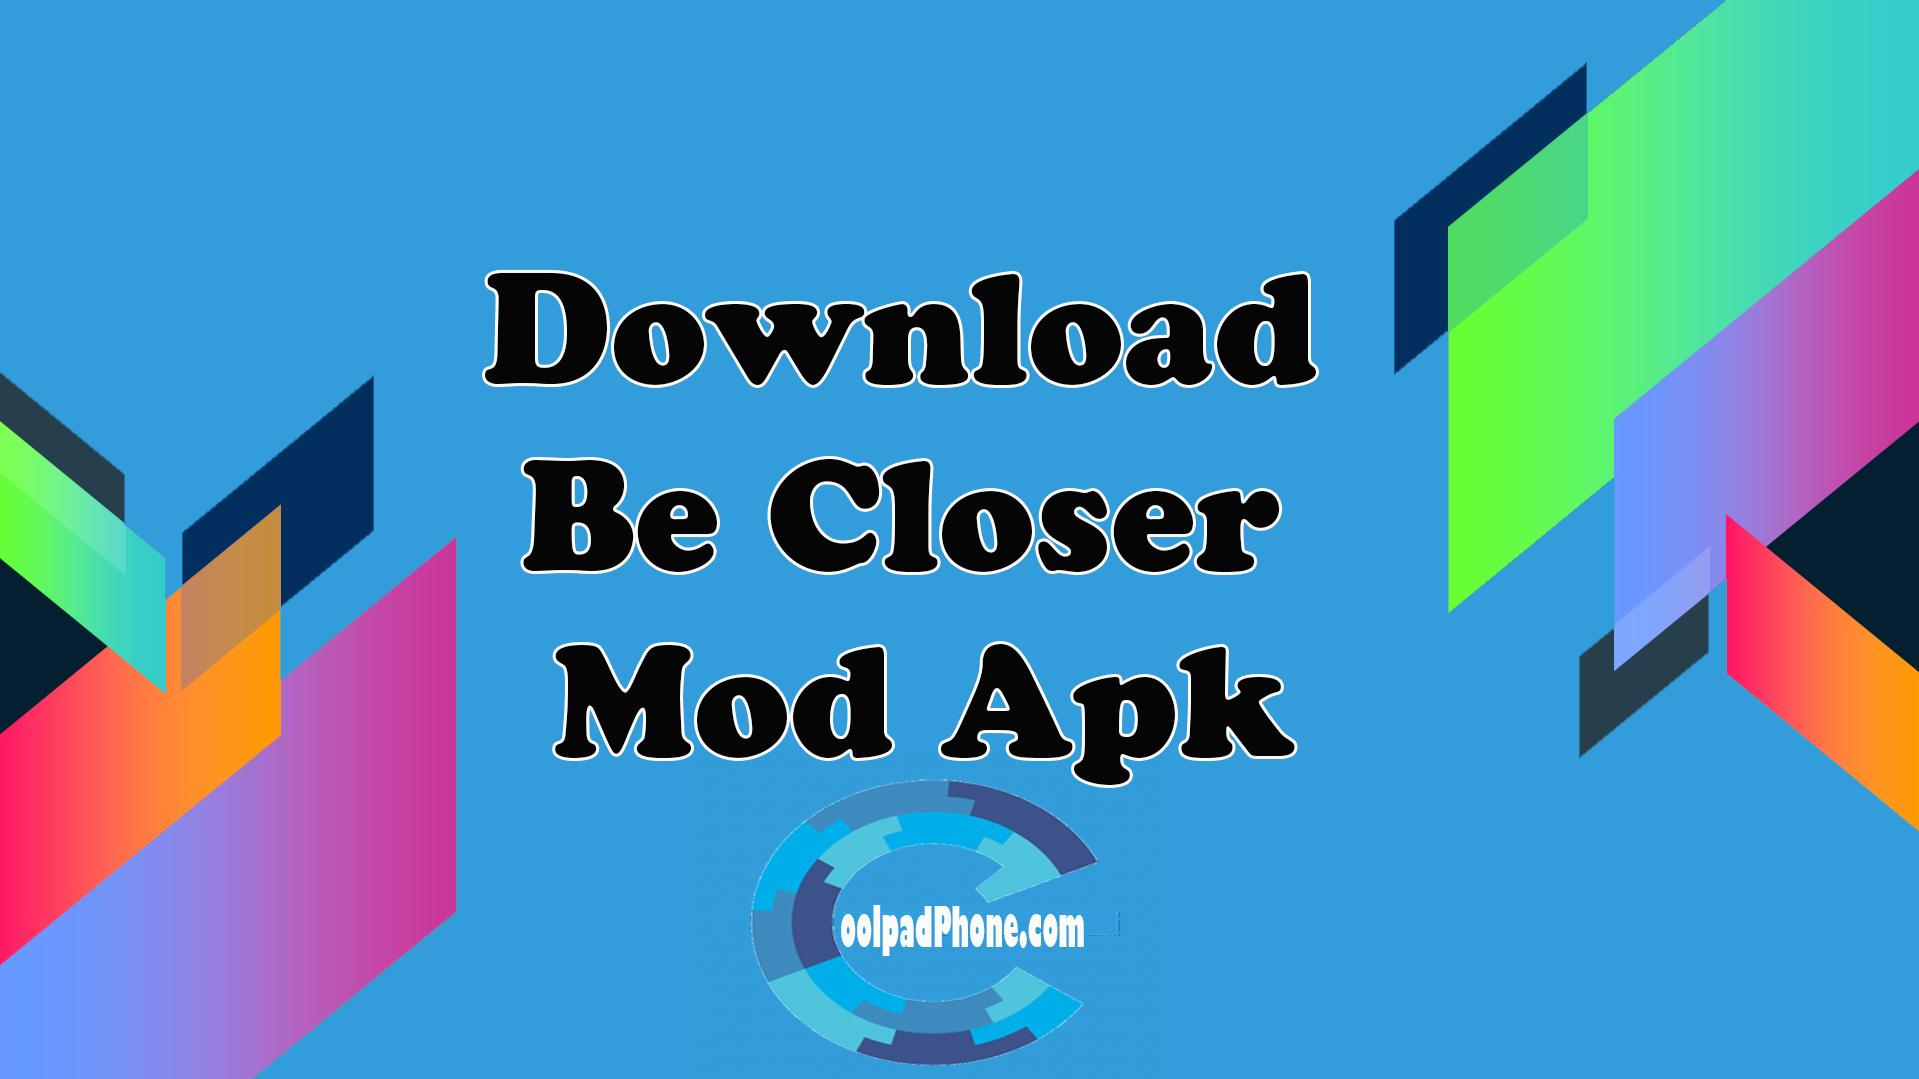 Be-Closer-Mod-Apk